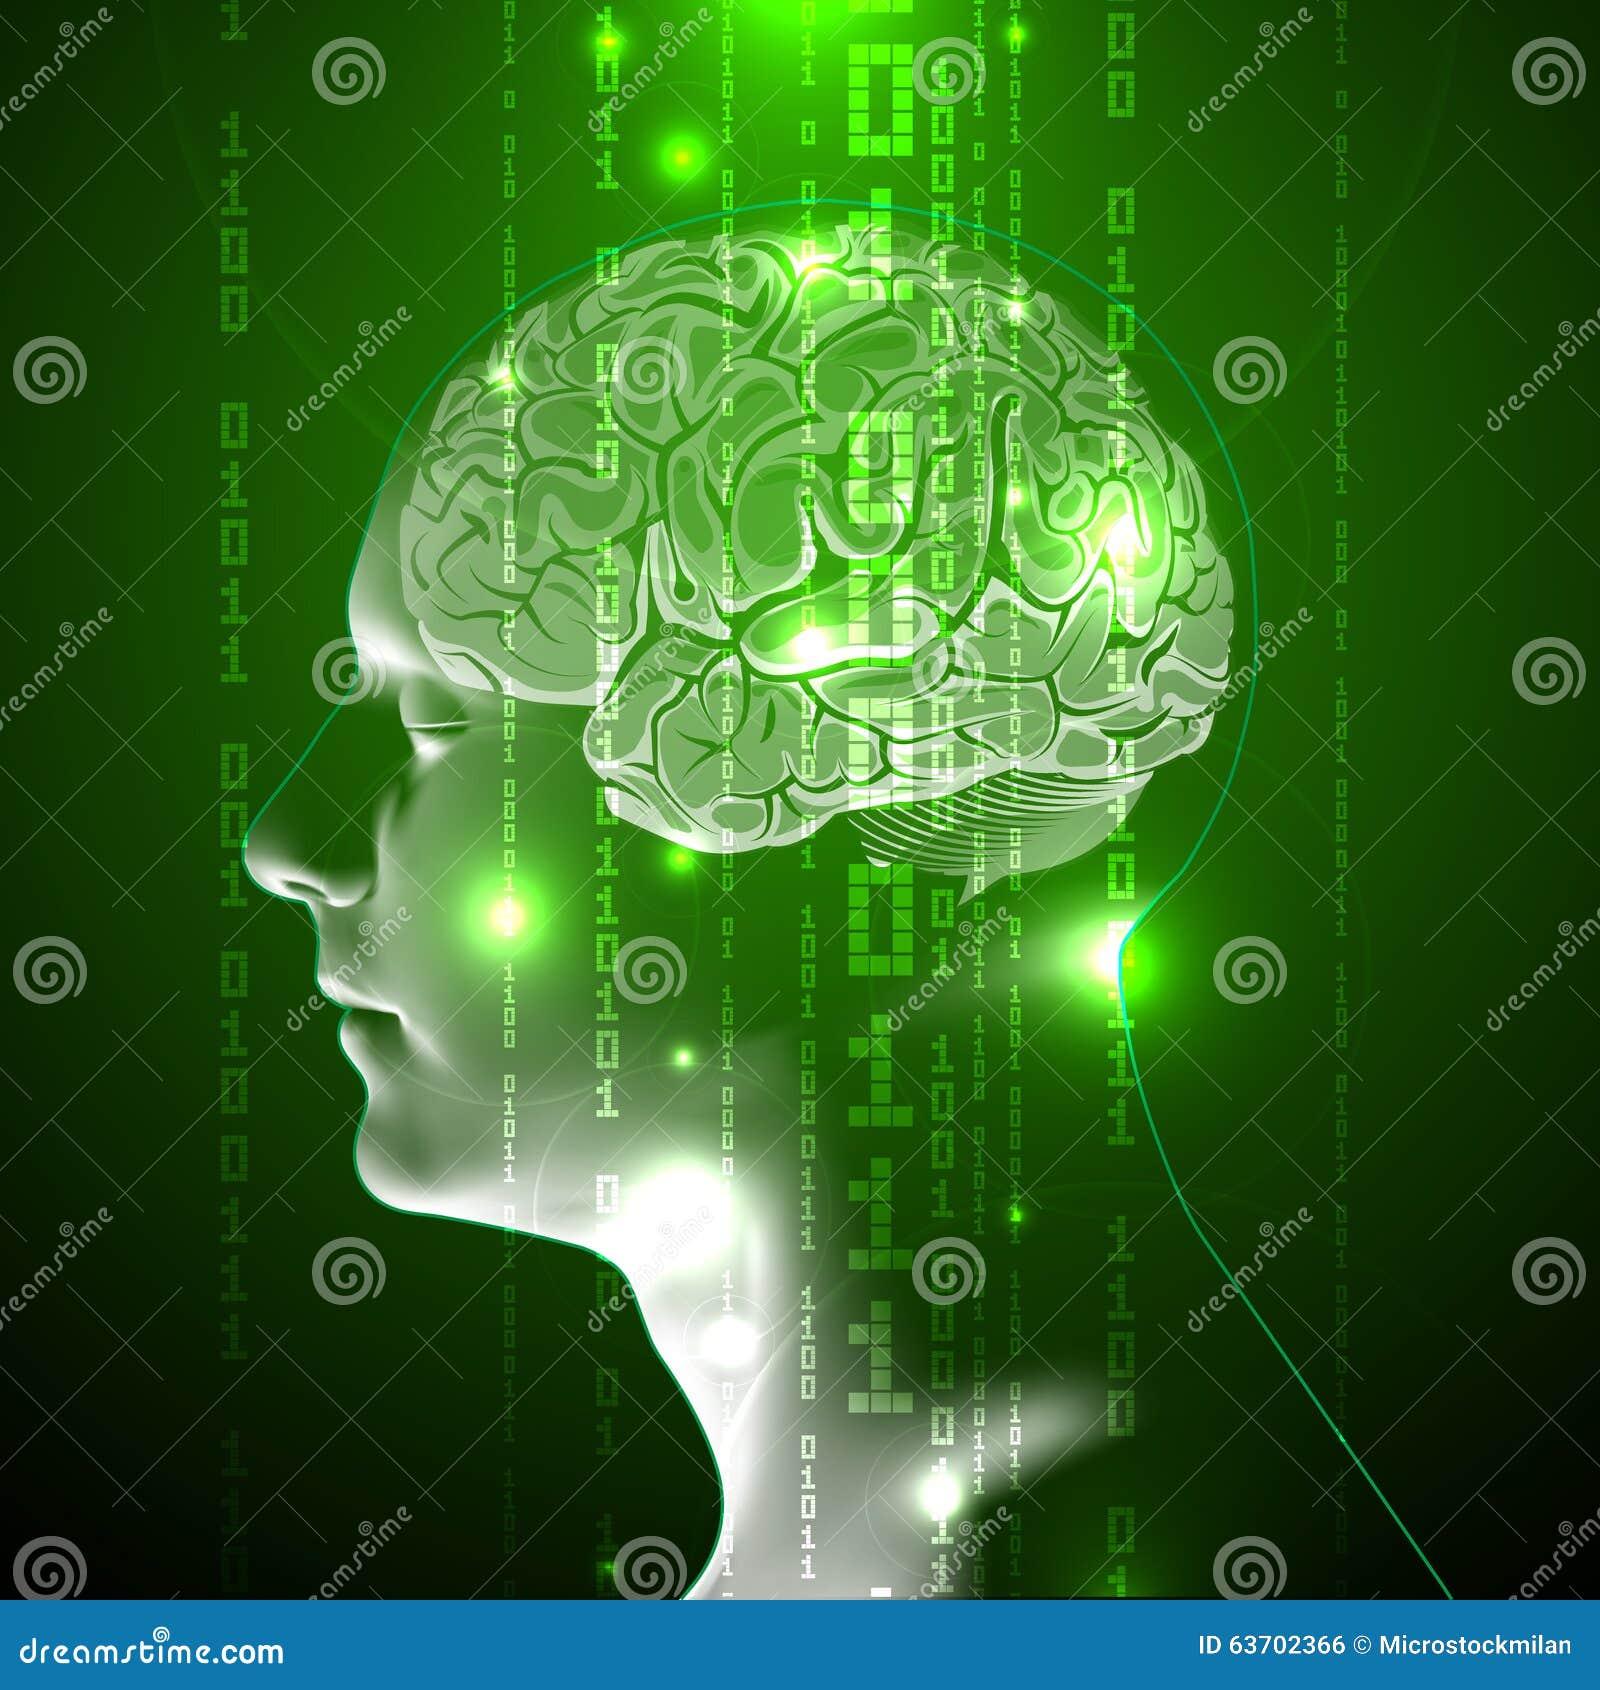 El concepto de cerebro humano activo con código binario